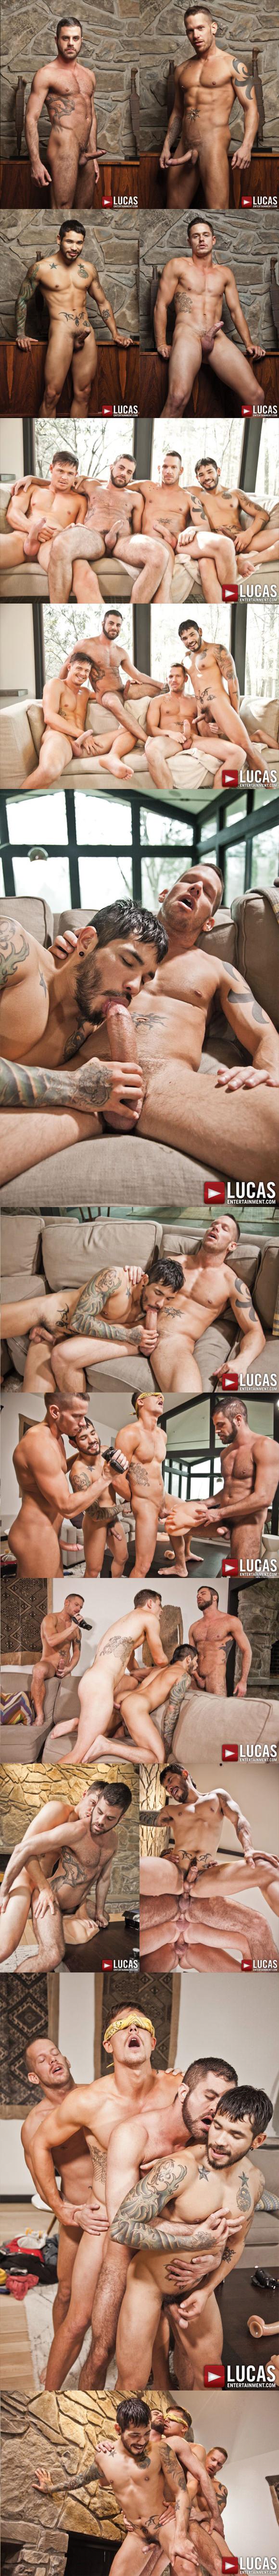 lucas-entertainment-bareback-sex-fest-jed-athens-marcus-issacs-shane-frost-draven-torres